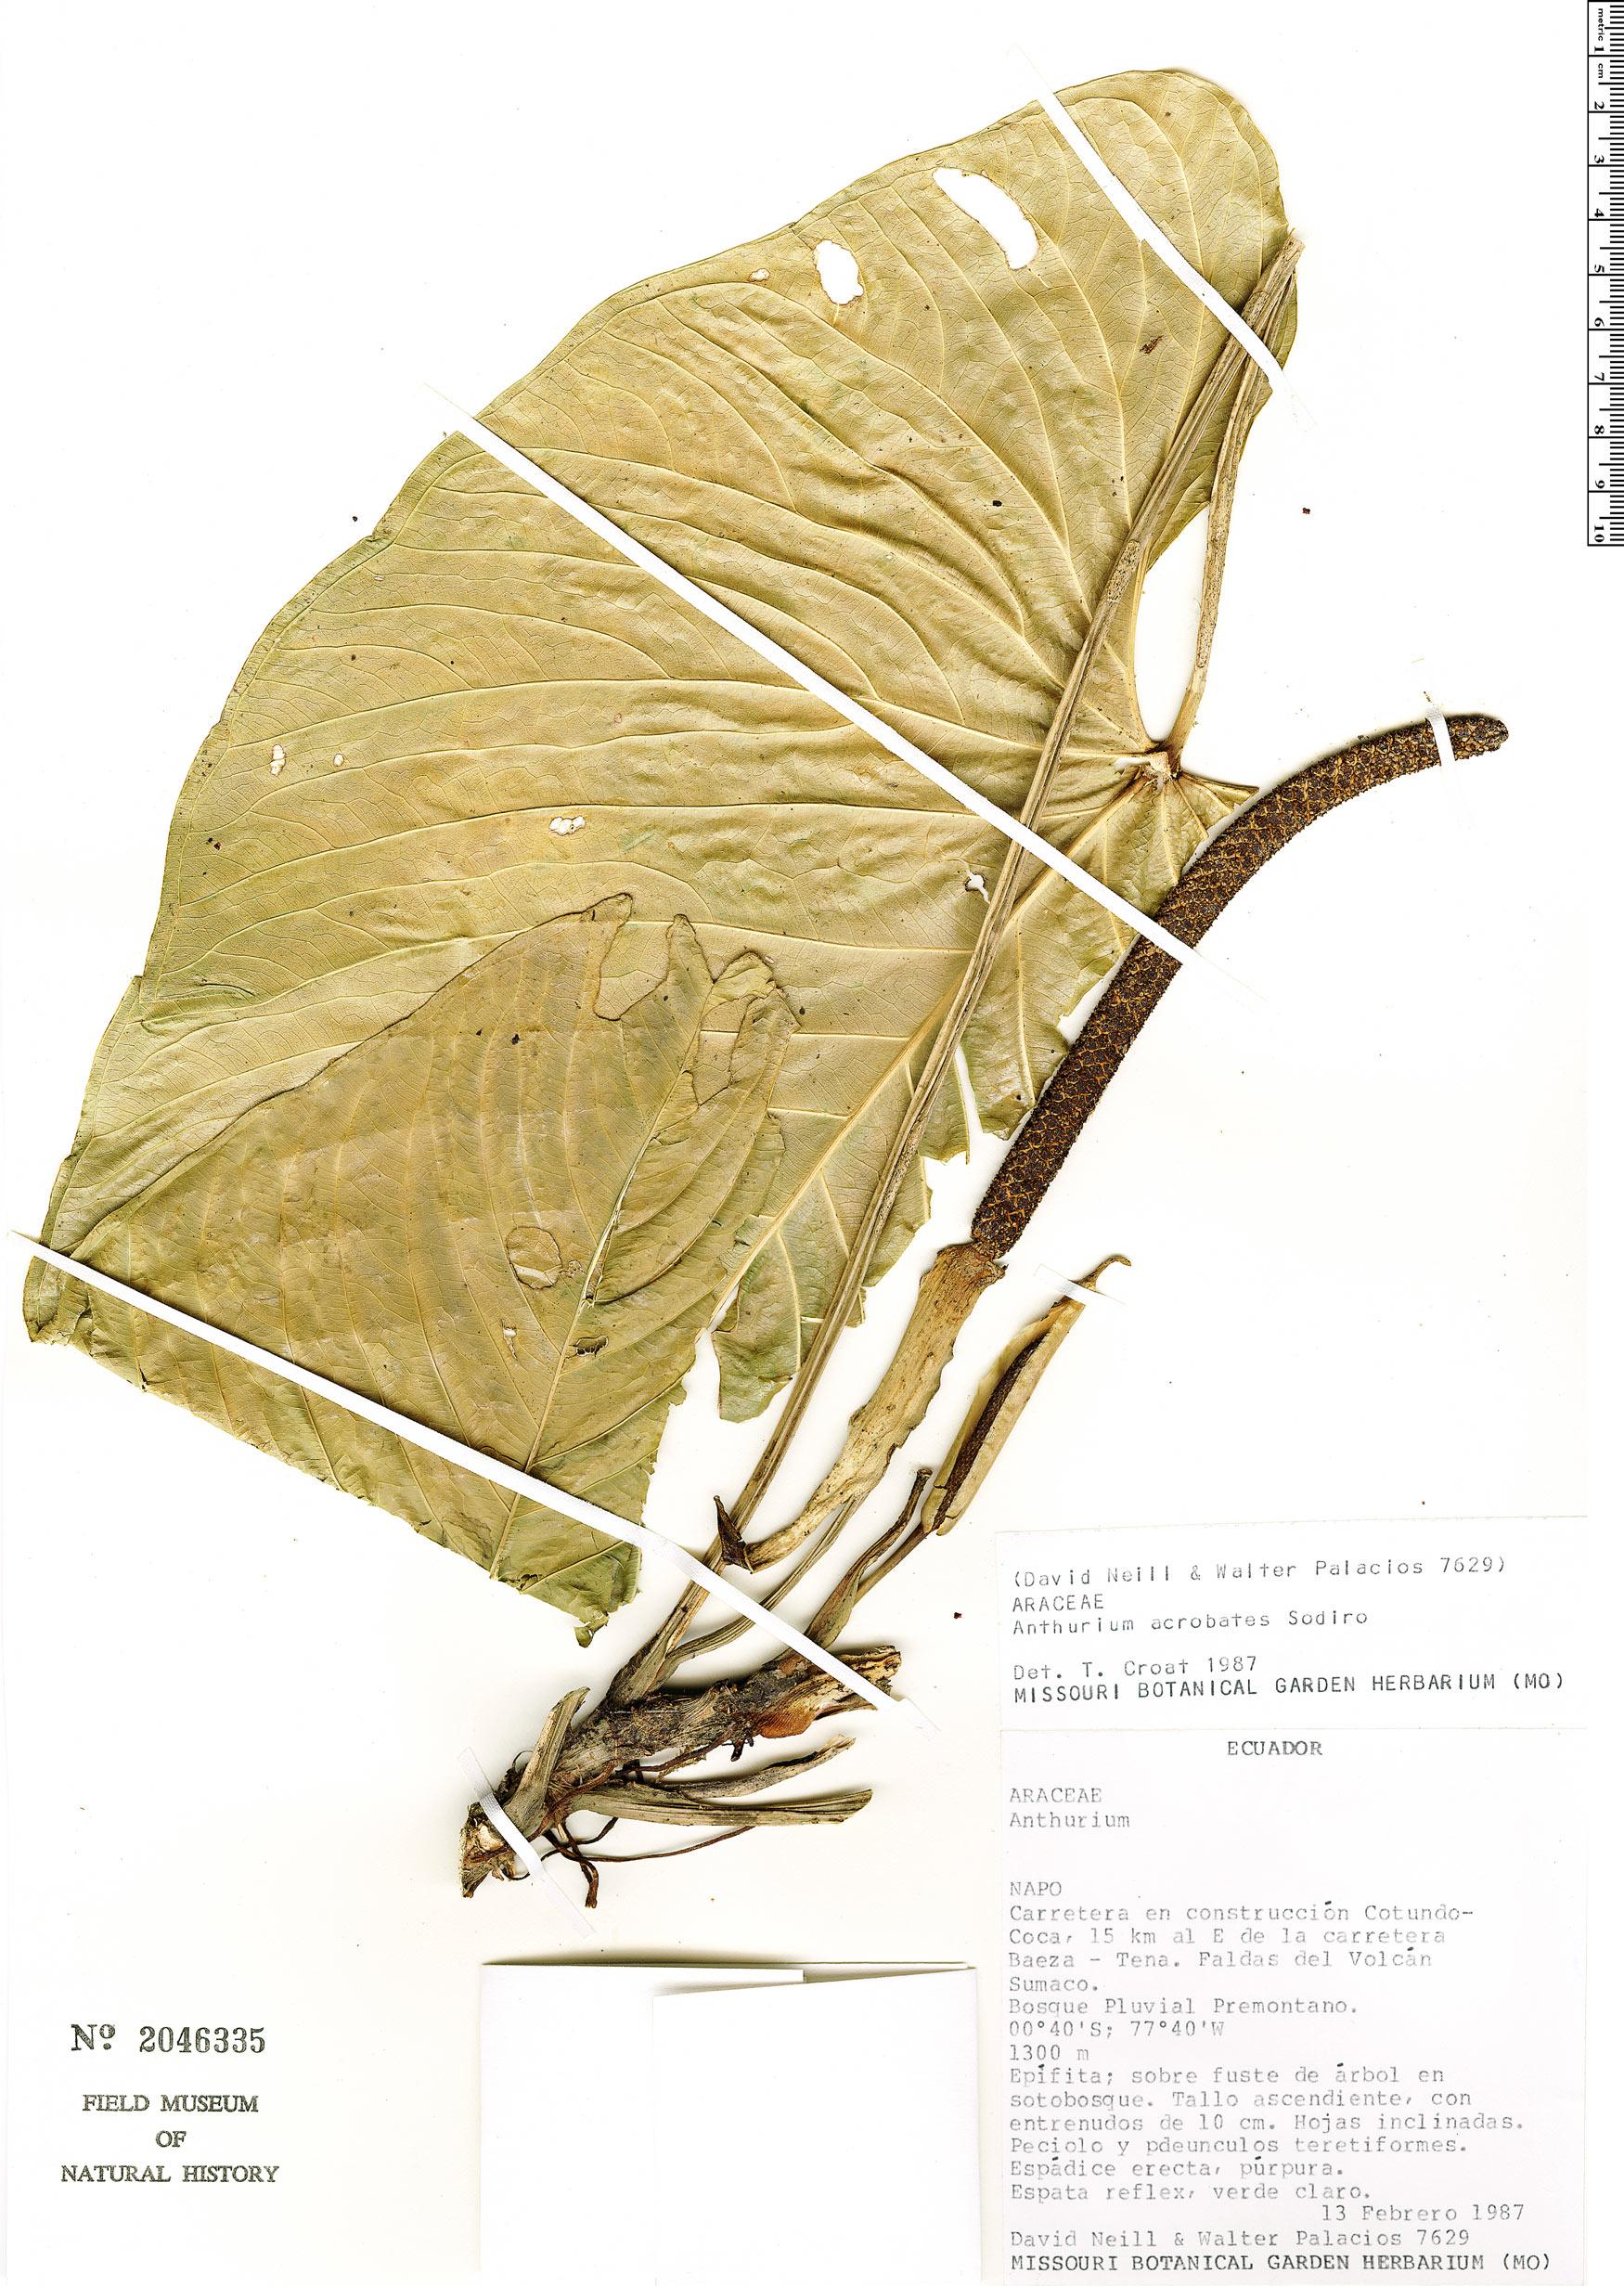 Espécime: Anthurium breviscapum